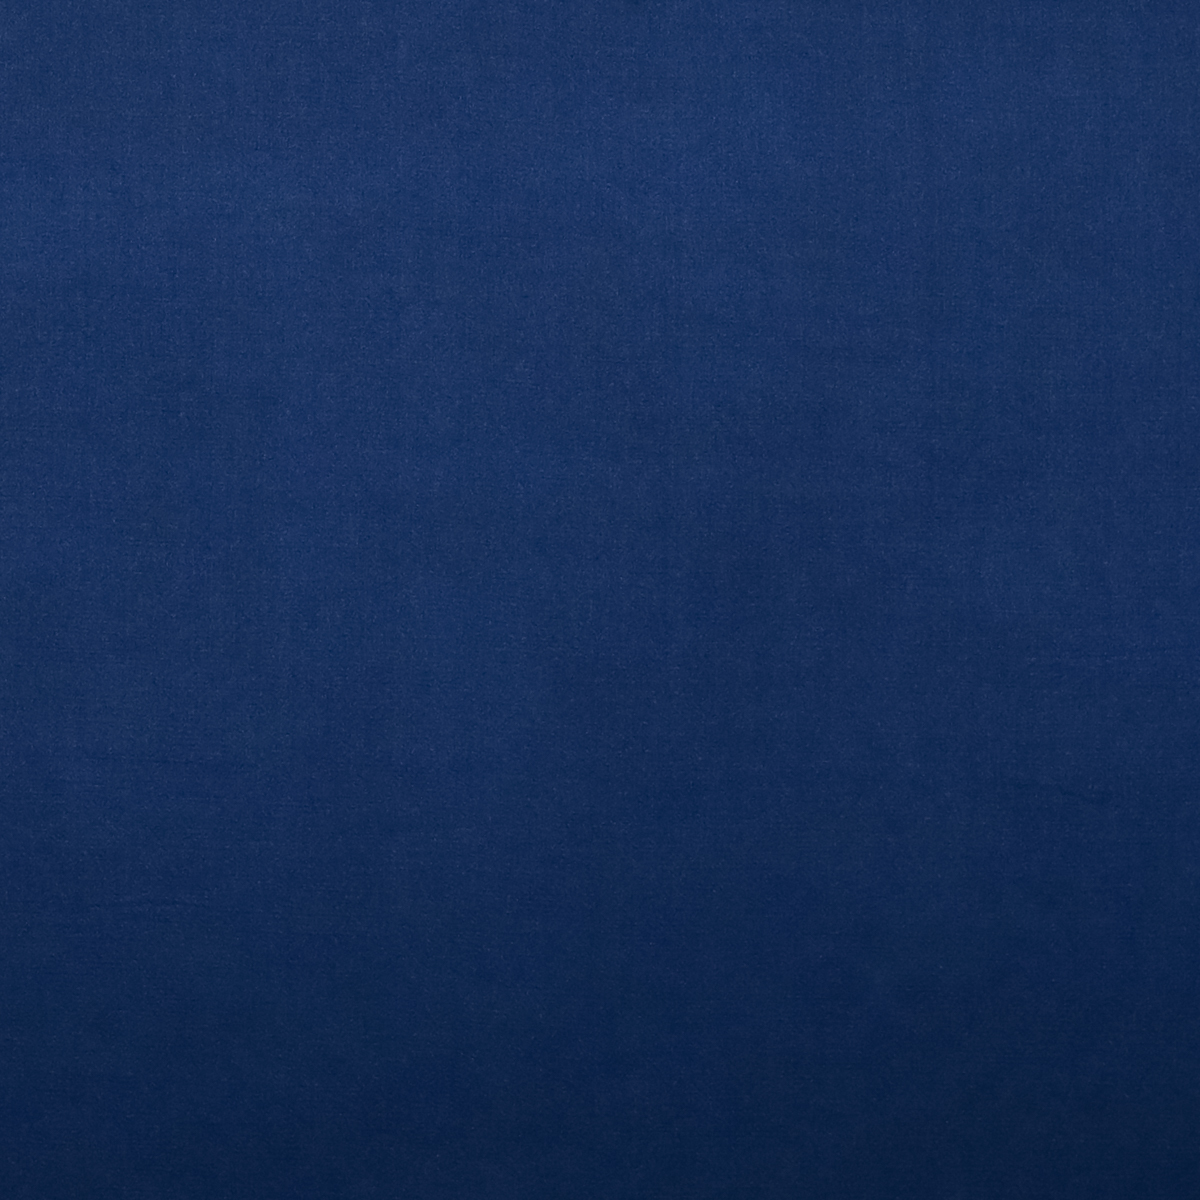 Жемчужно тёмно-синяя ткань с добавлением шелка